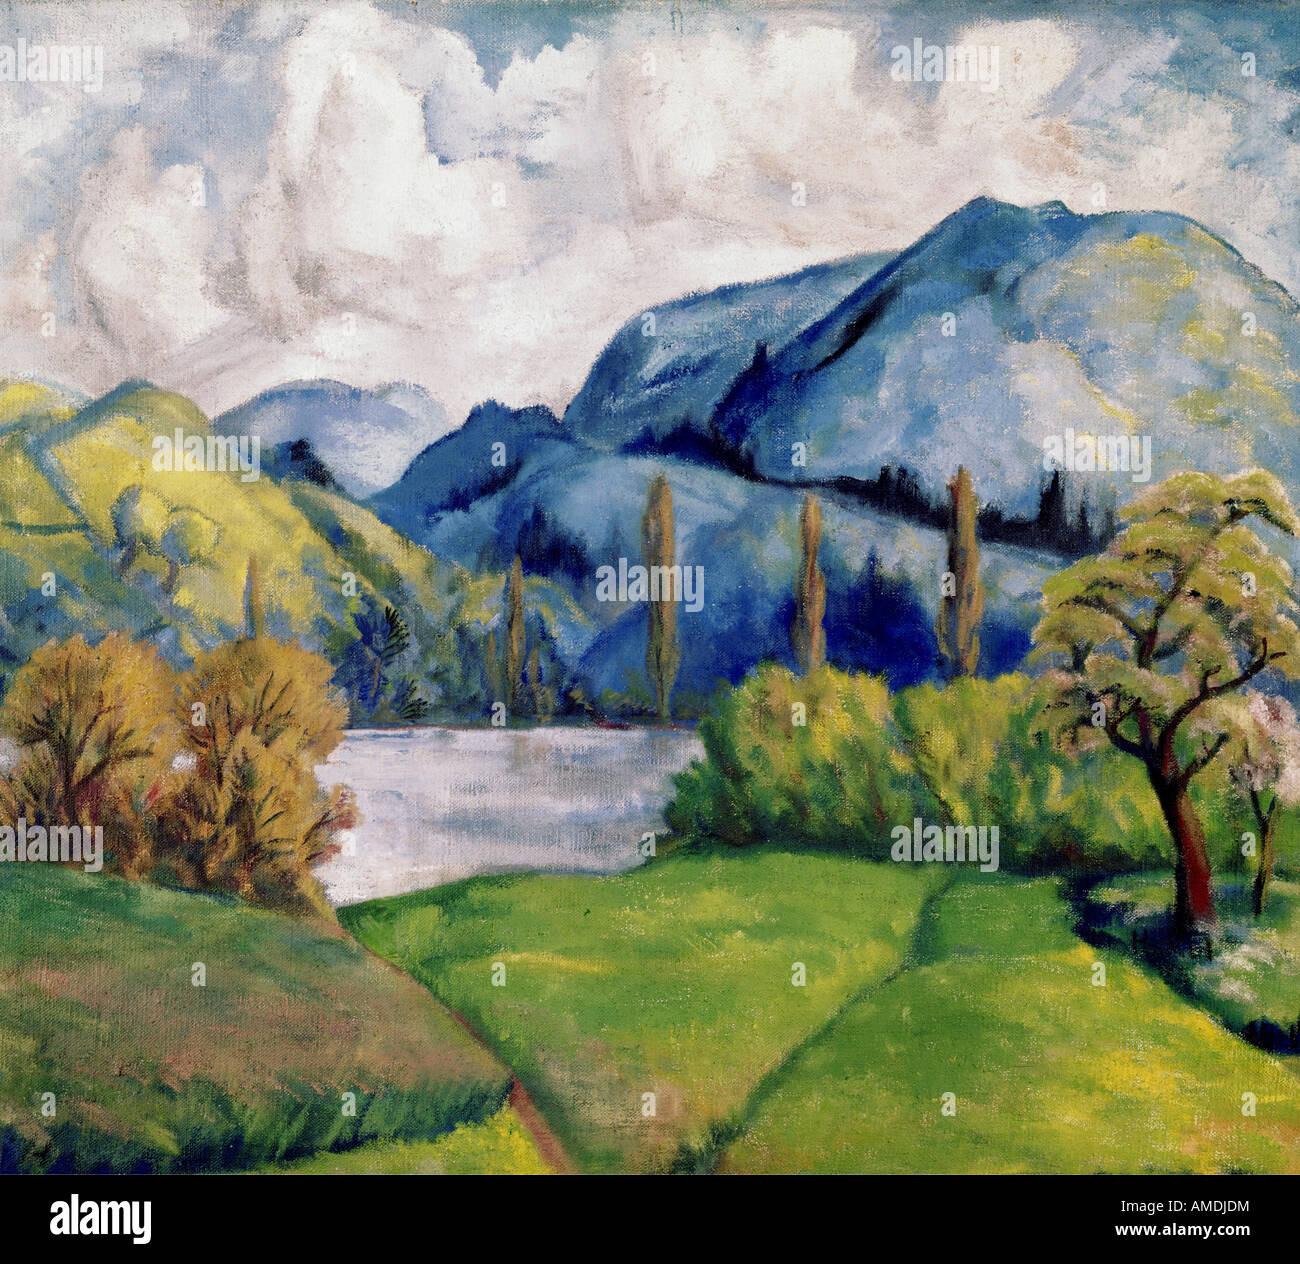 Beaux-arts, Cézanne, Paul, (1839 - 1906), peinture, Kunsthaus Zürich, le français, l'impressionsm, nature, arbre, Banque D'Images